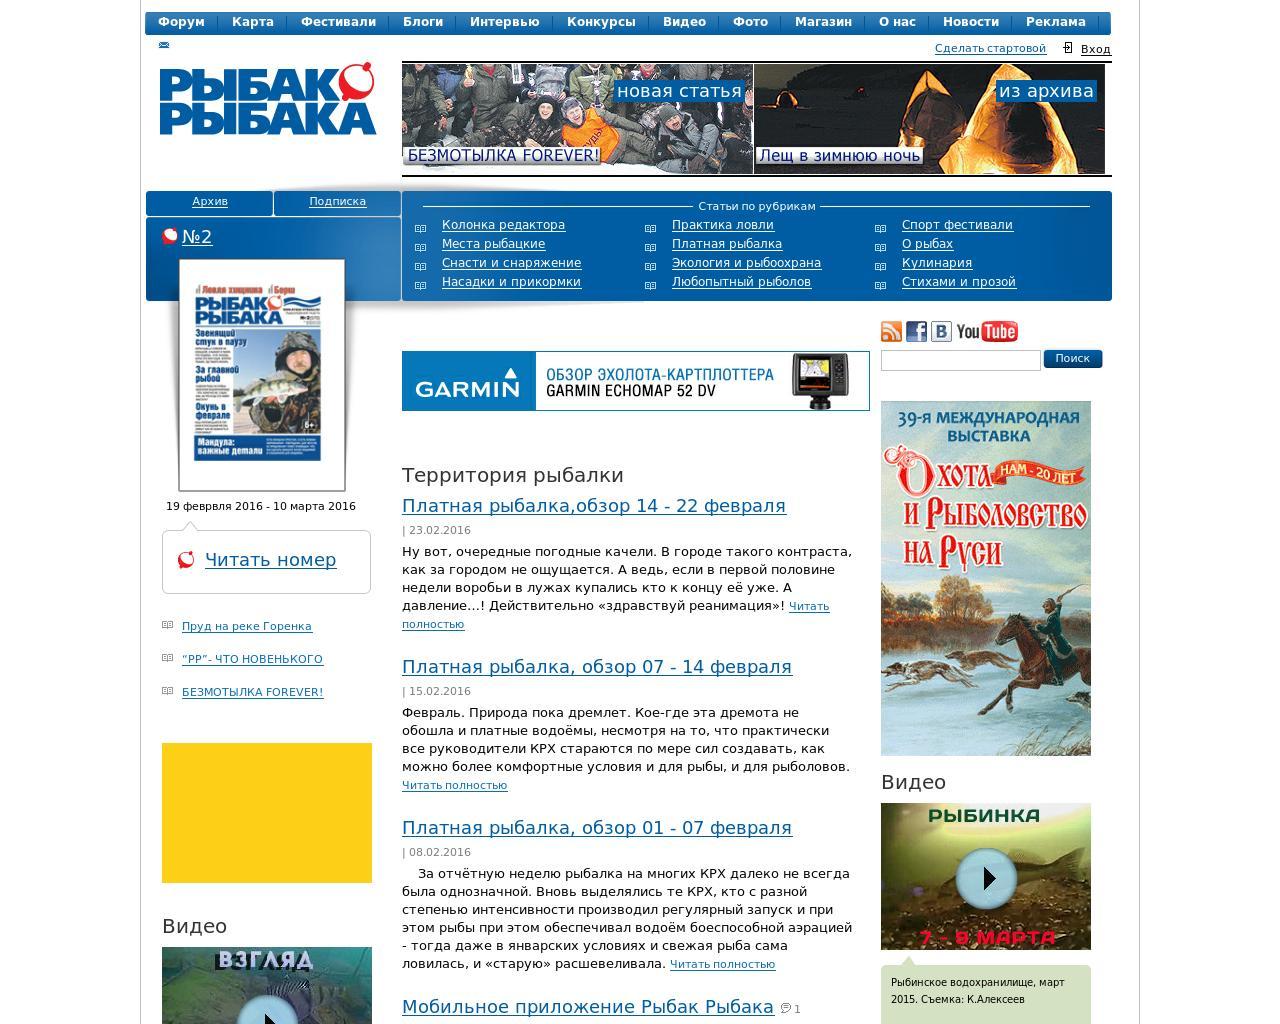 сайт рыбак рыбака магазин